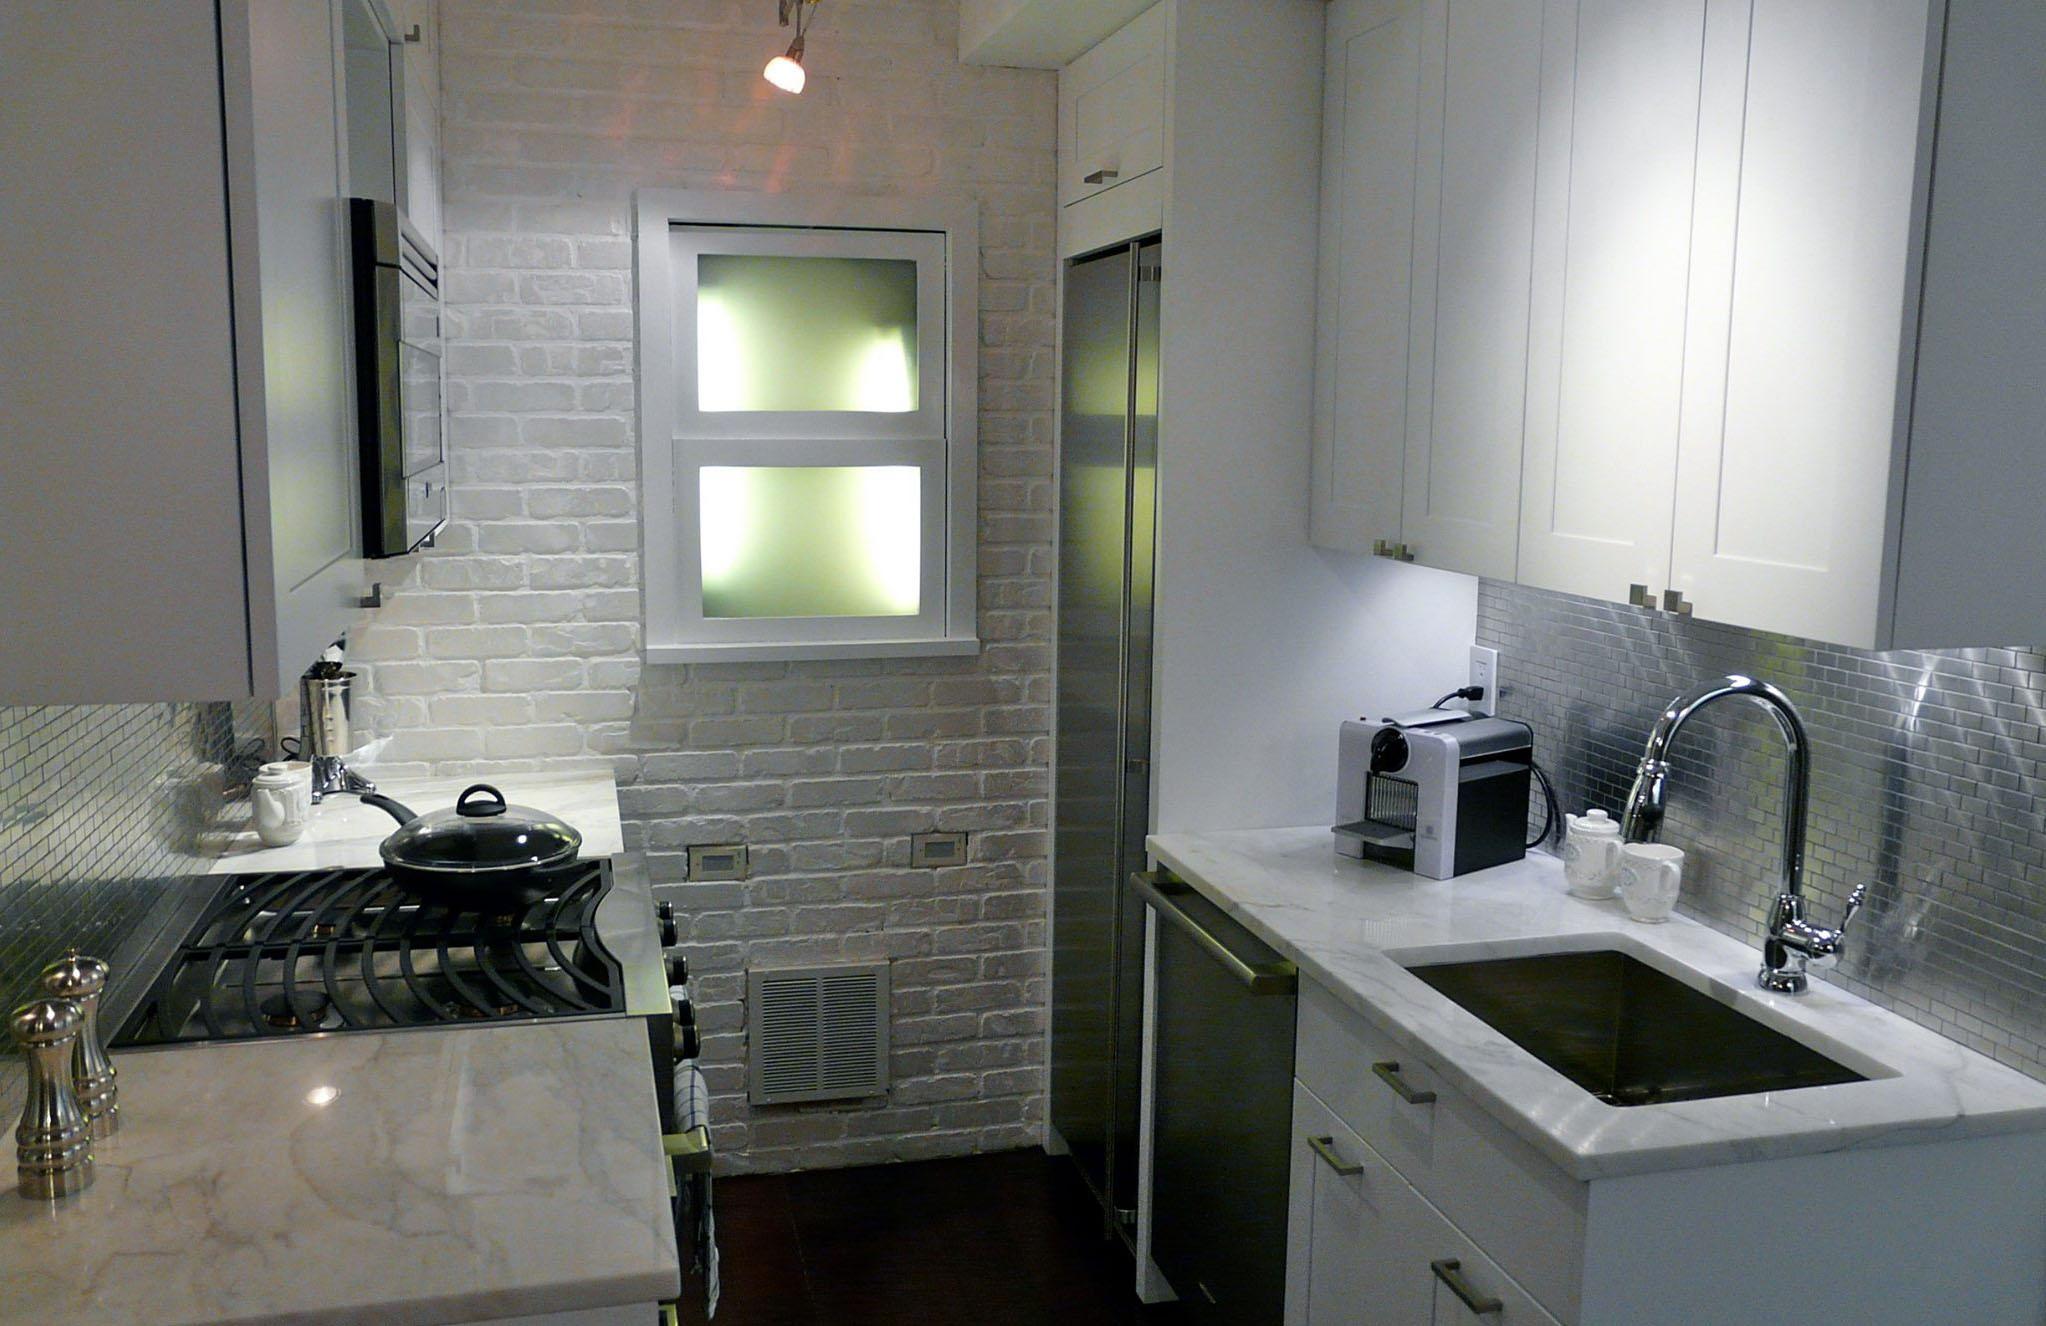 47 карточек в коллекции маленькая кухня в стиле лофт пользователя